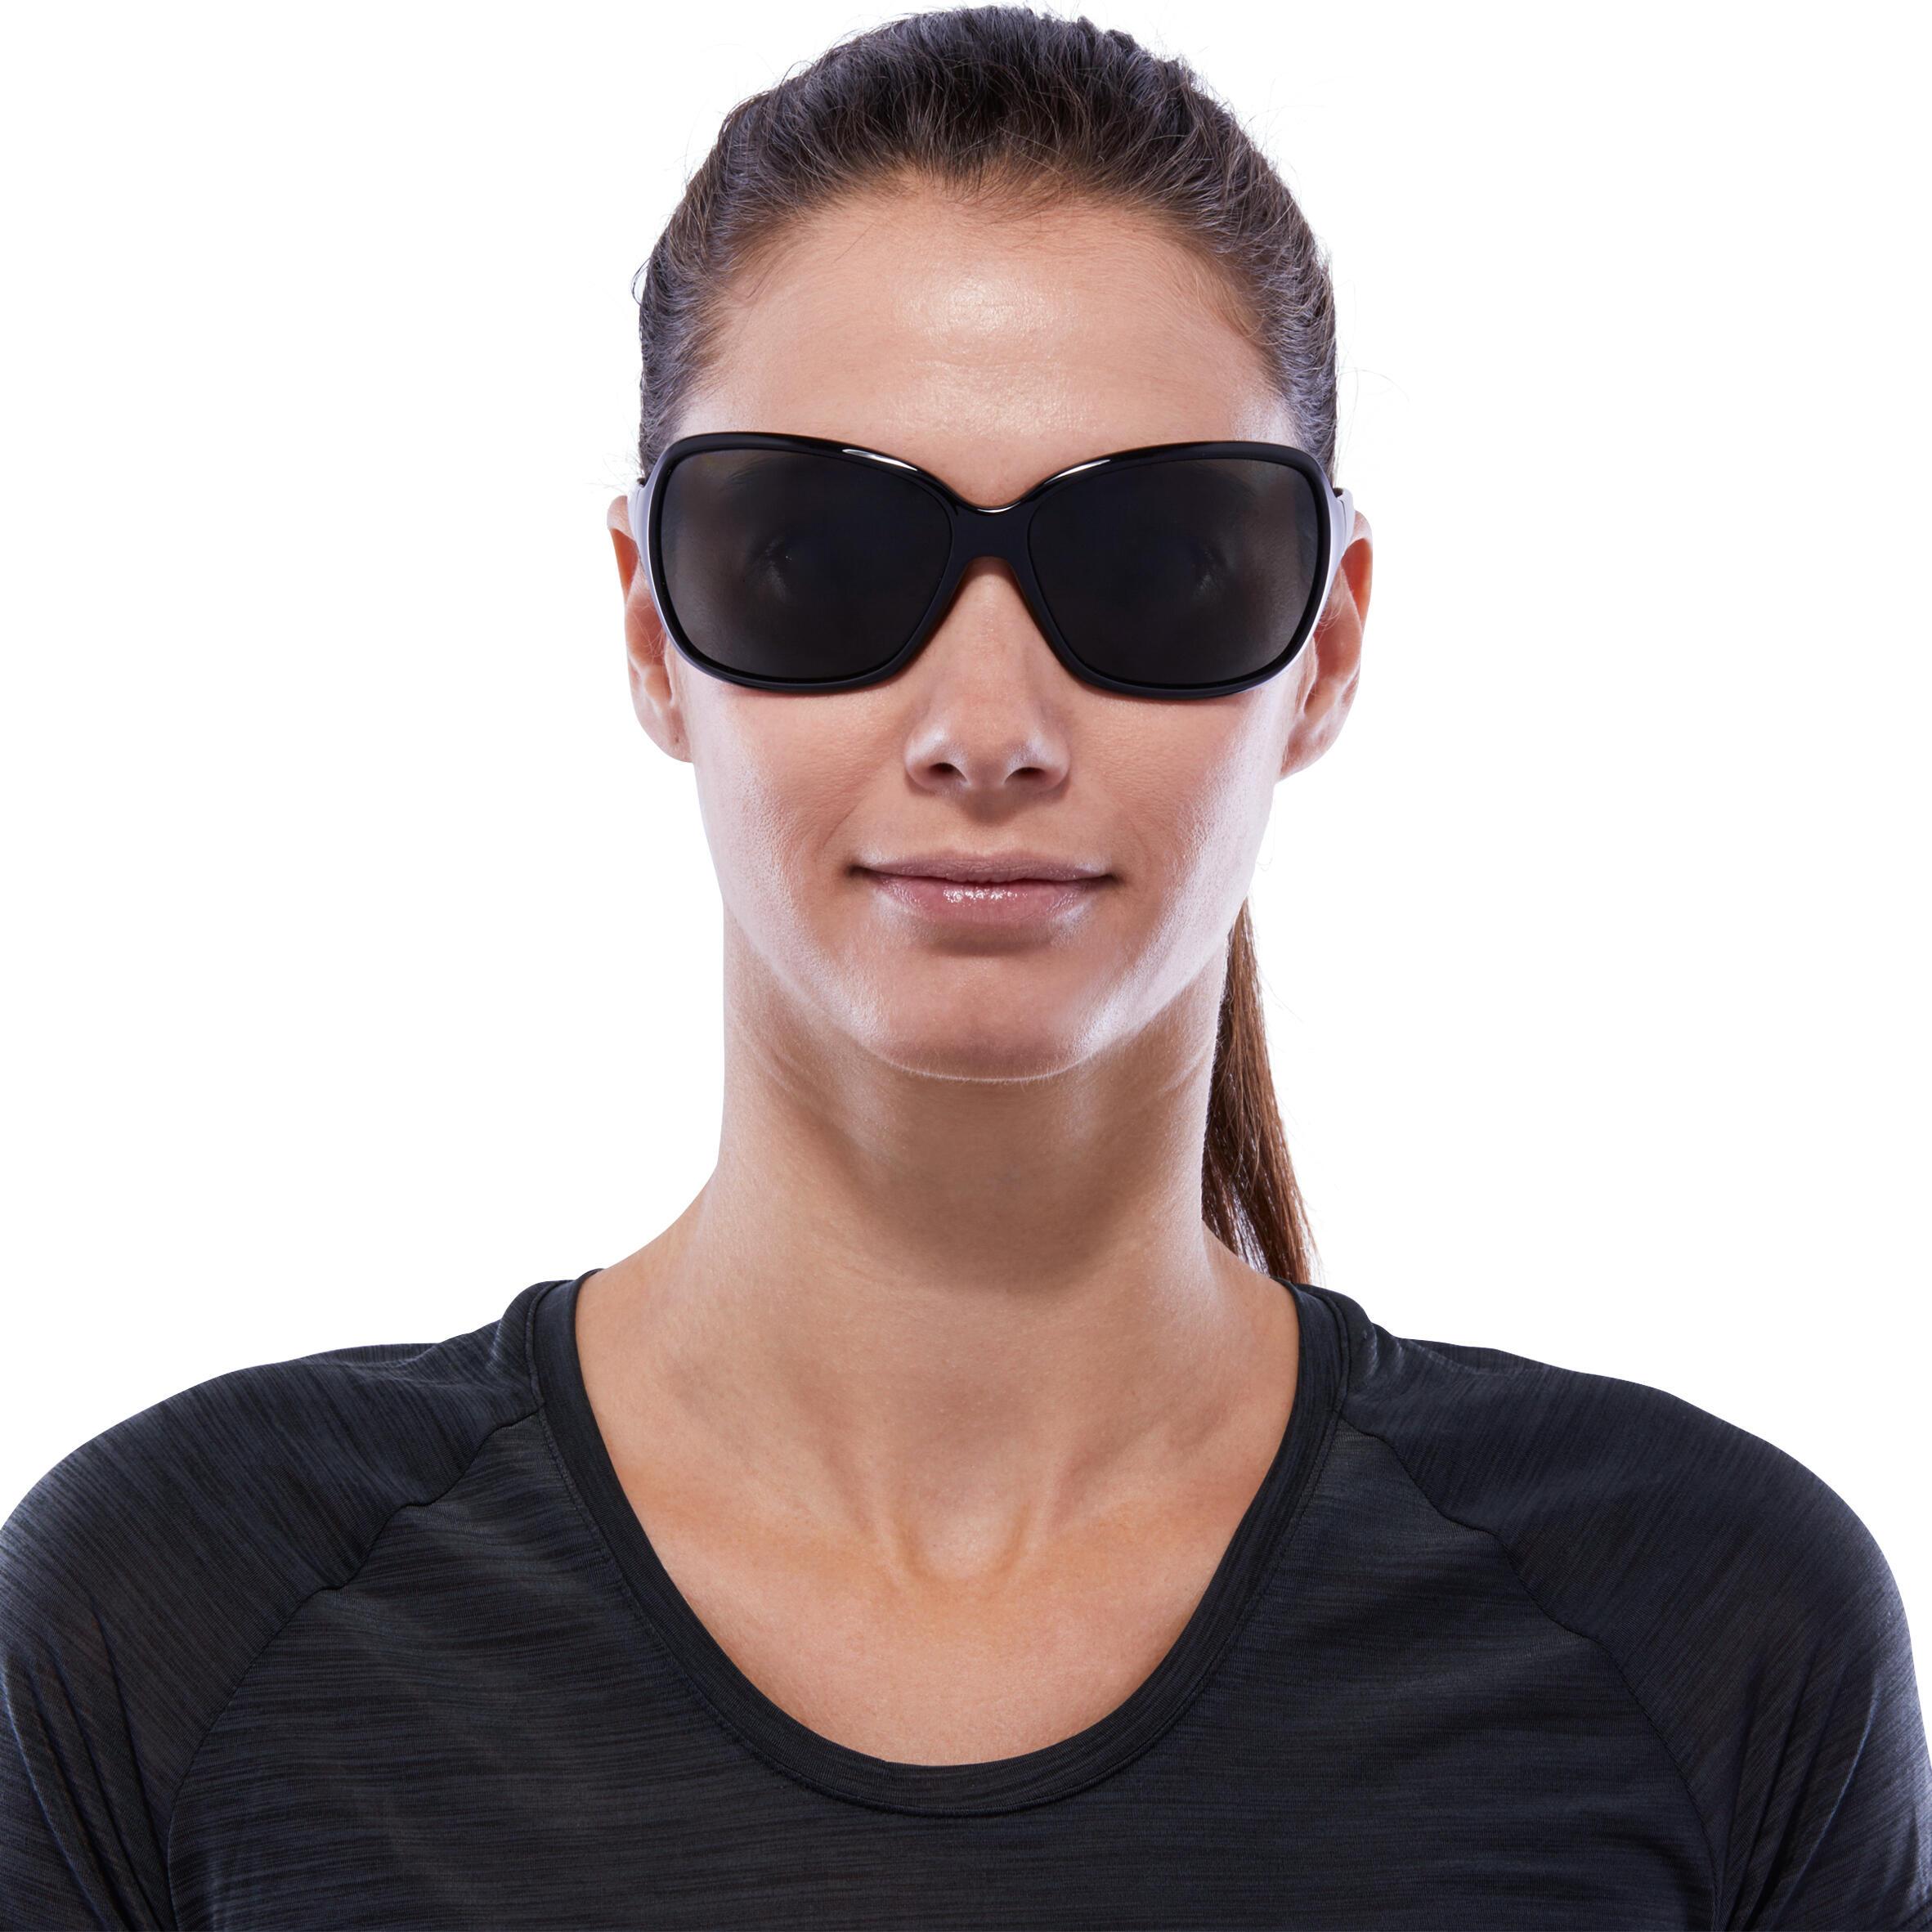 Lunettes de soleil de randonnée femme MH530W noires polarisantes catégorie 3